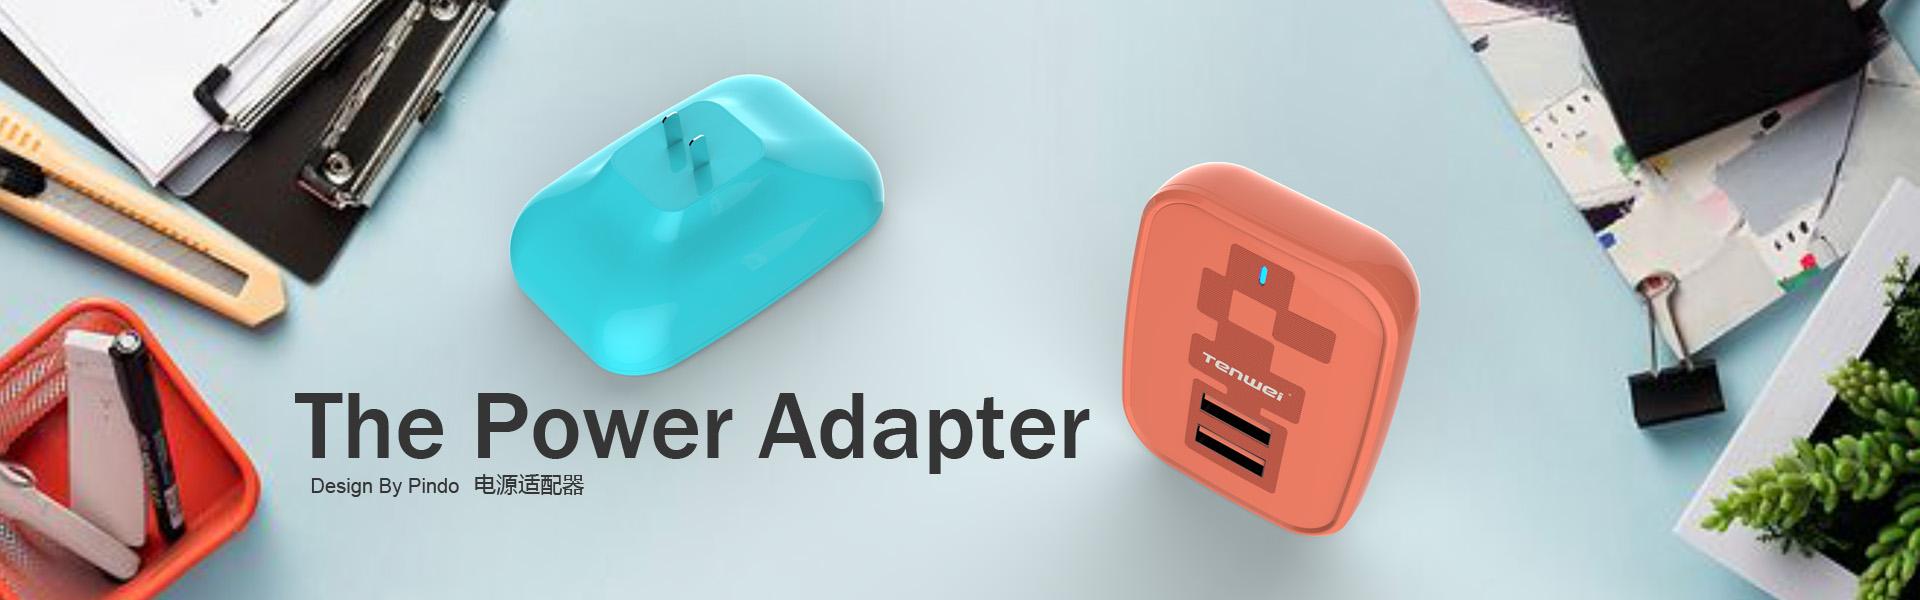 翻译机投影键盘取暖器无线耳机***插座插排插板提神棒烟弹设计